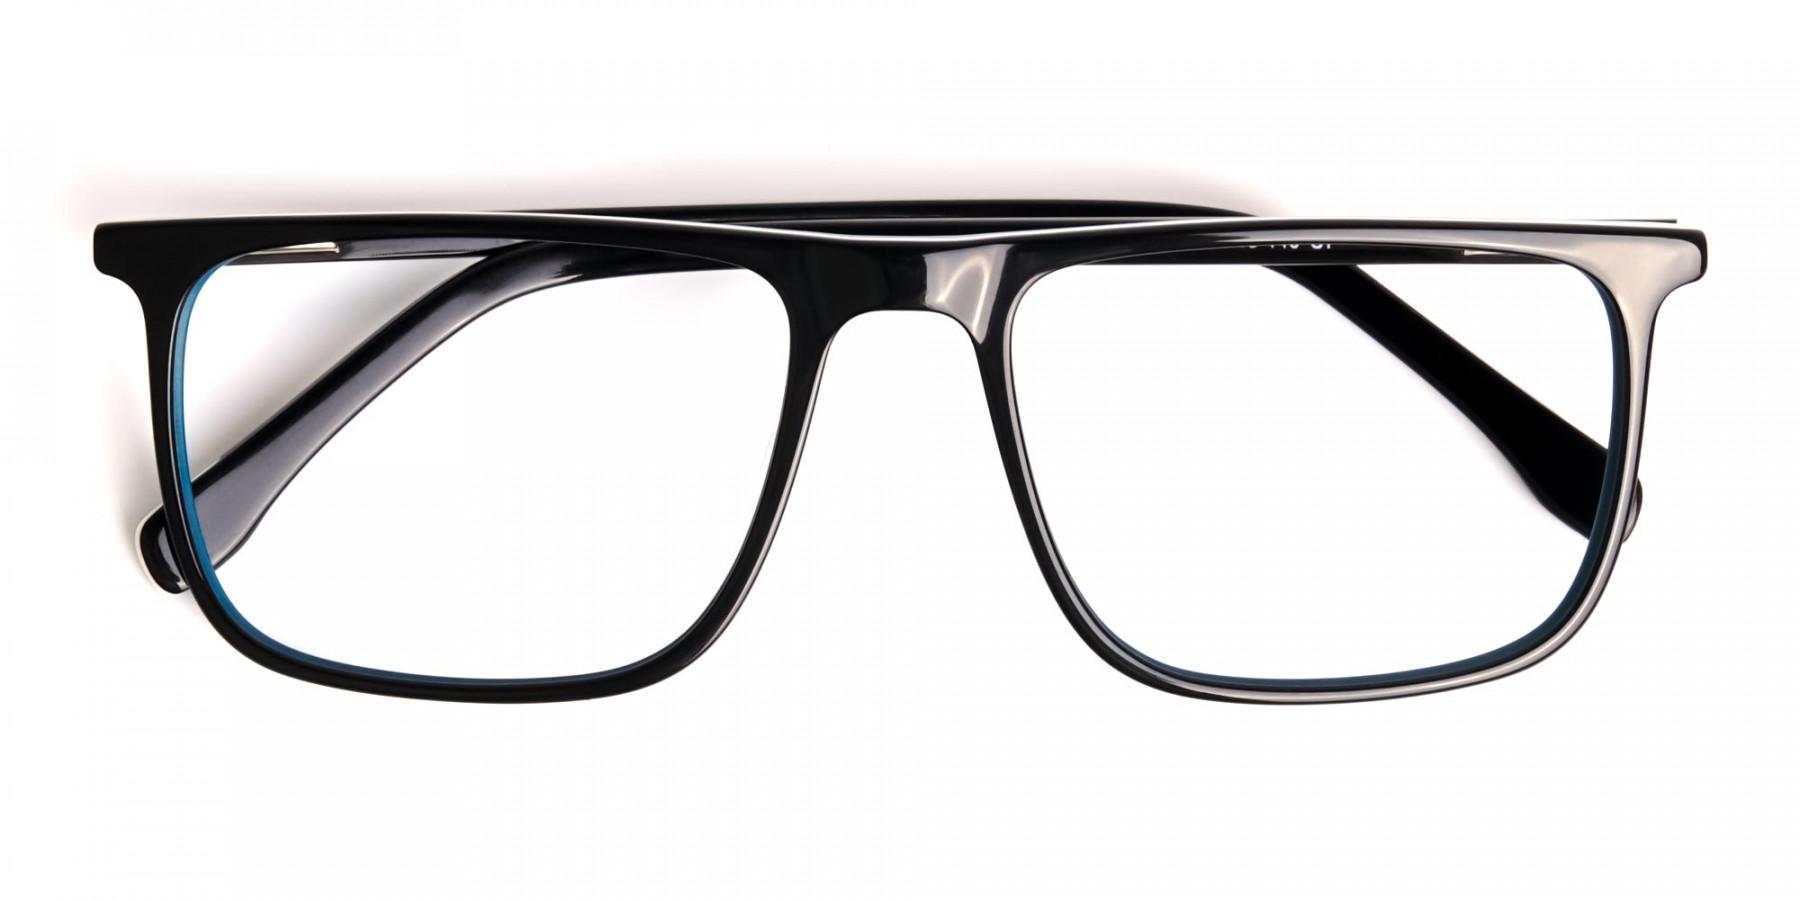 black-and-teal-full-rim-rectangular-glasses-frames-1